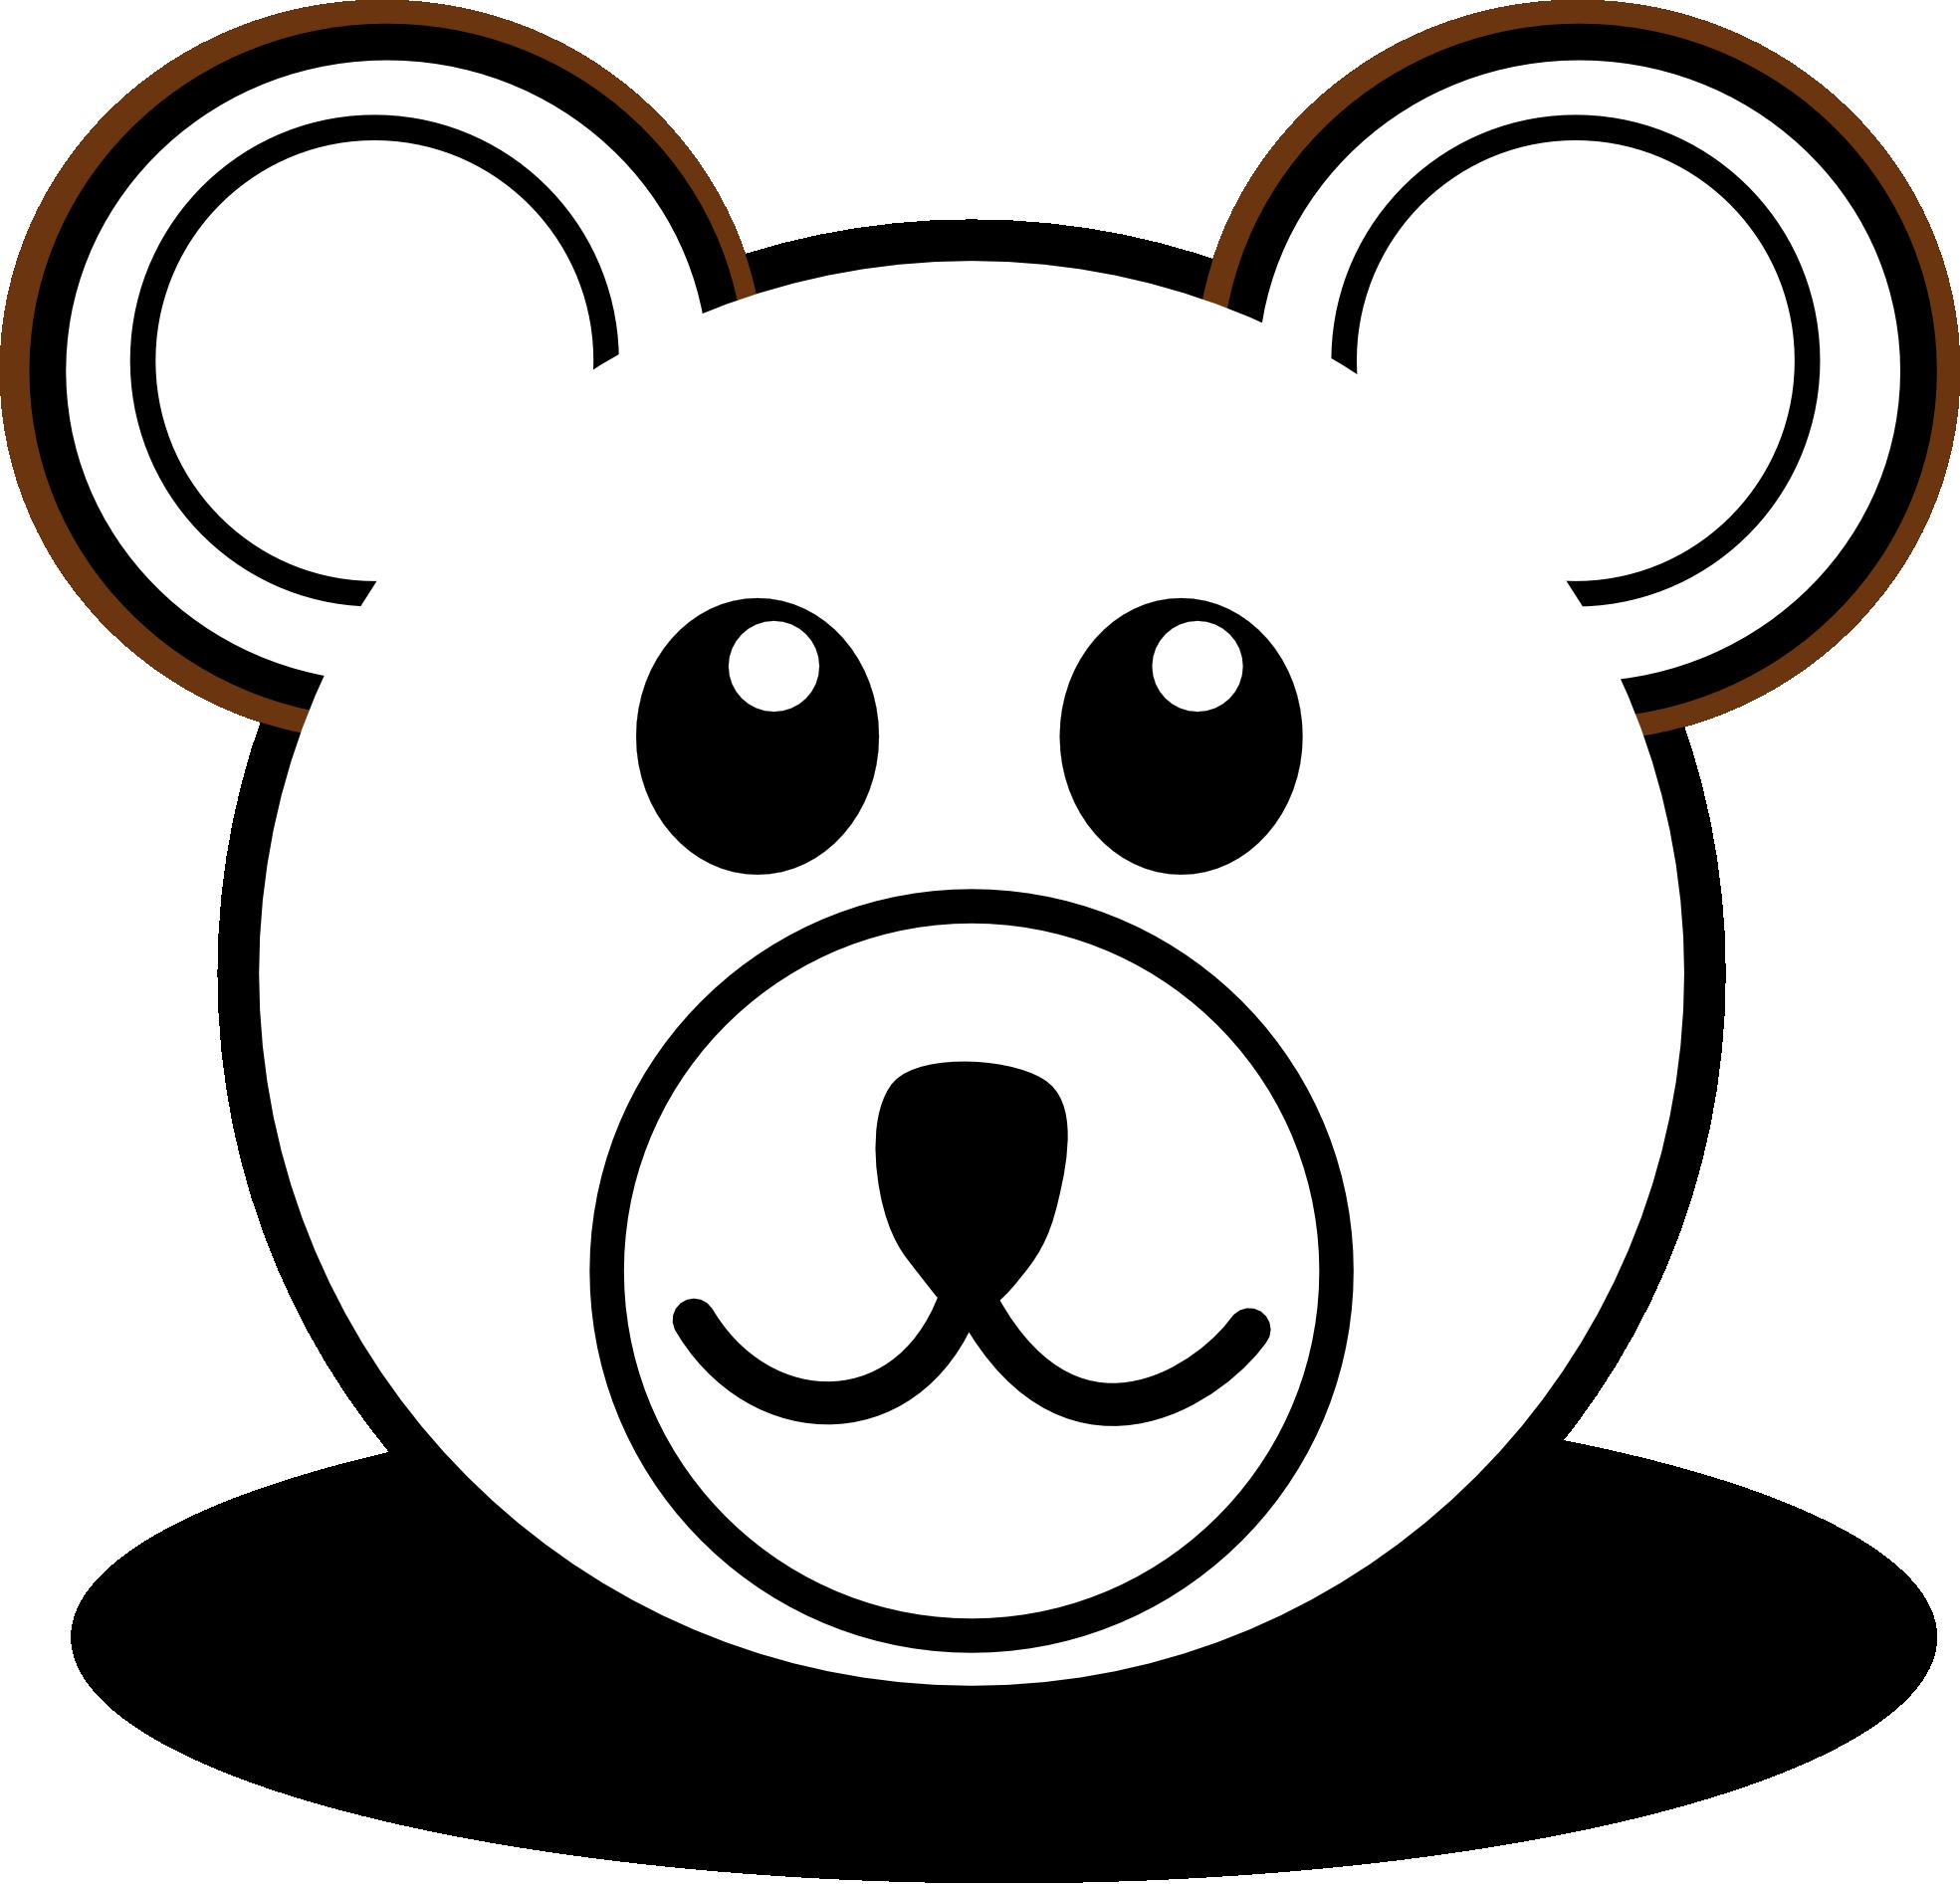 Teddy Bear Cartoon Images.